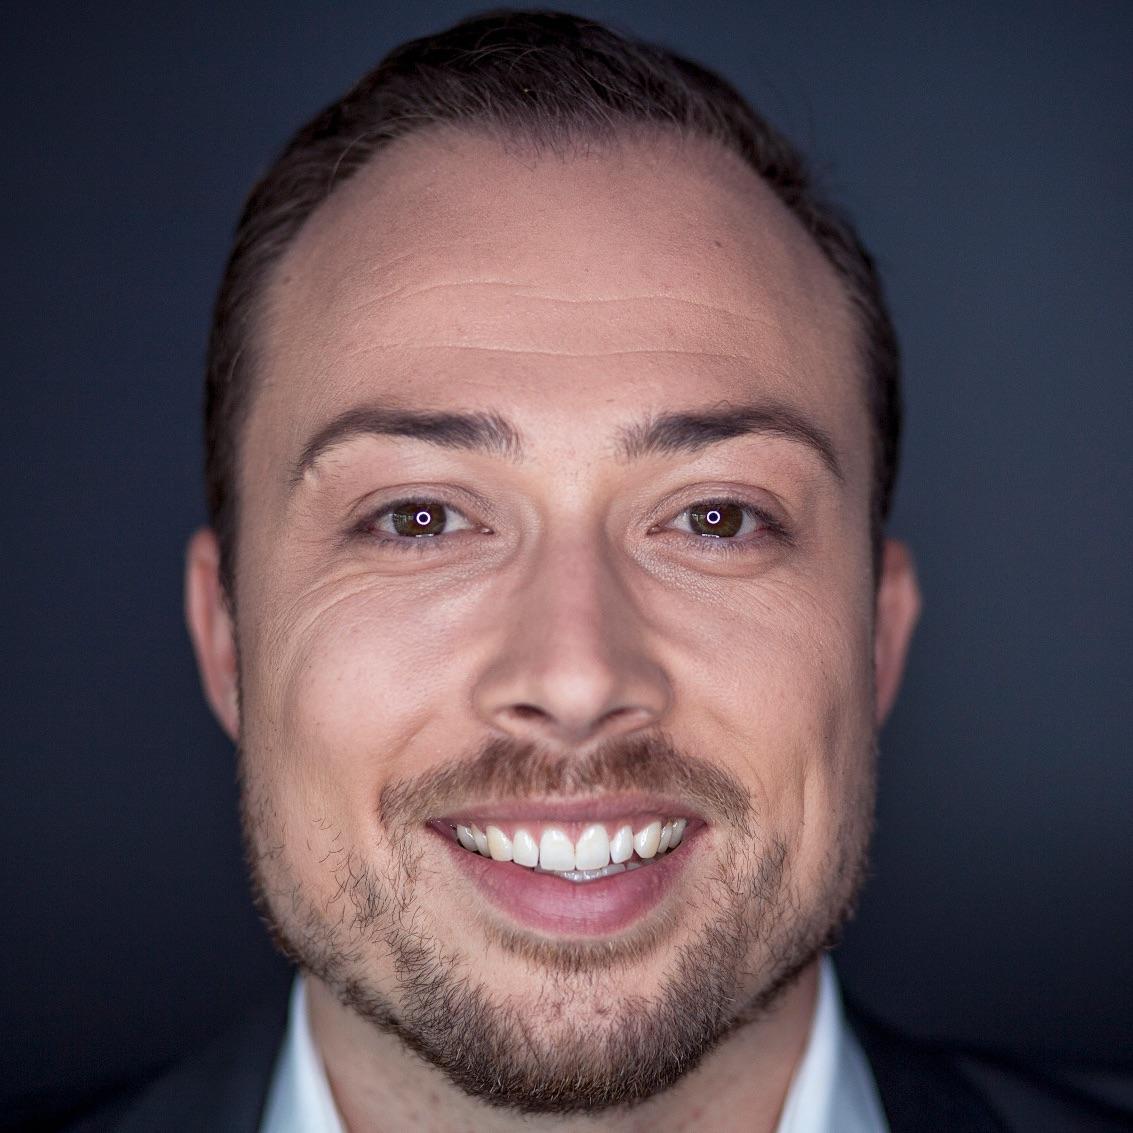 Holger Loesken